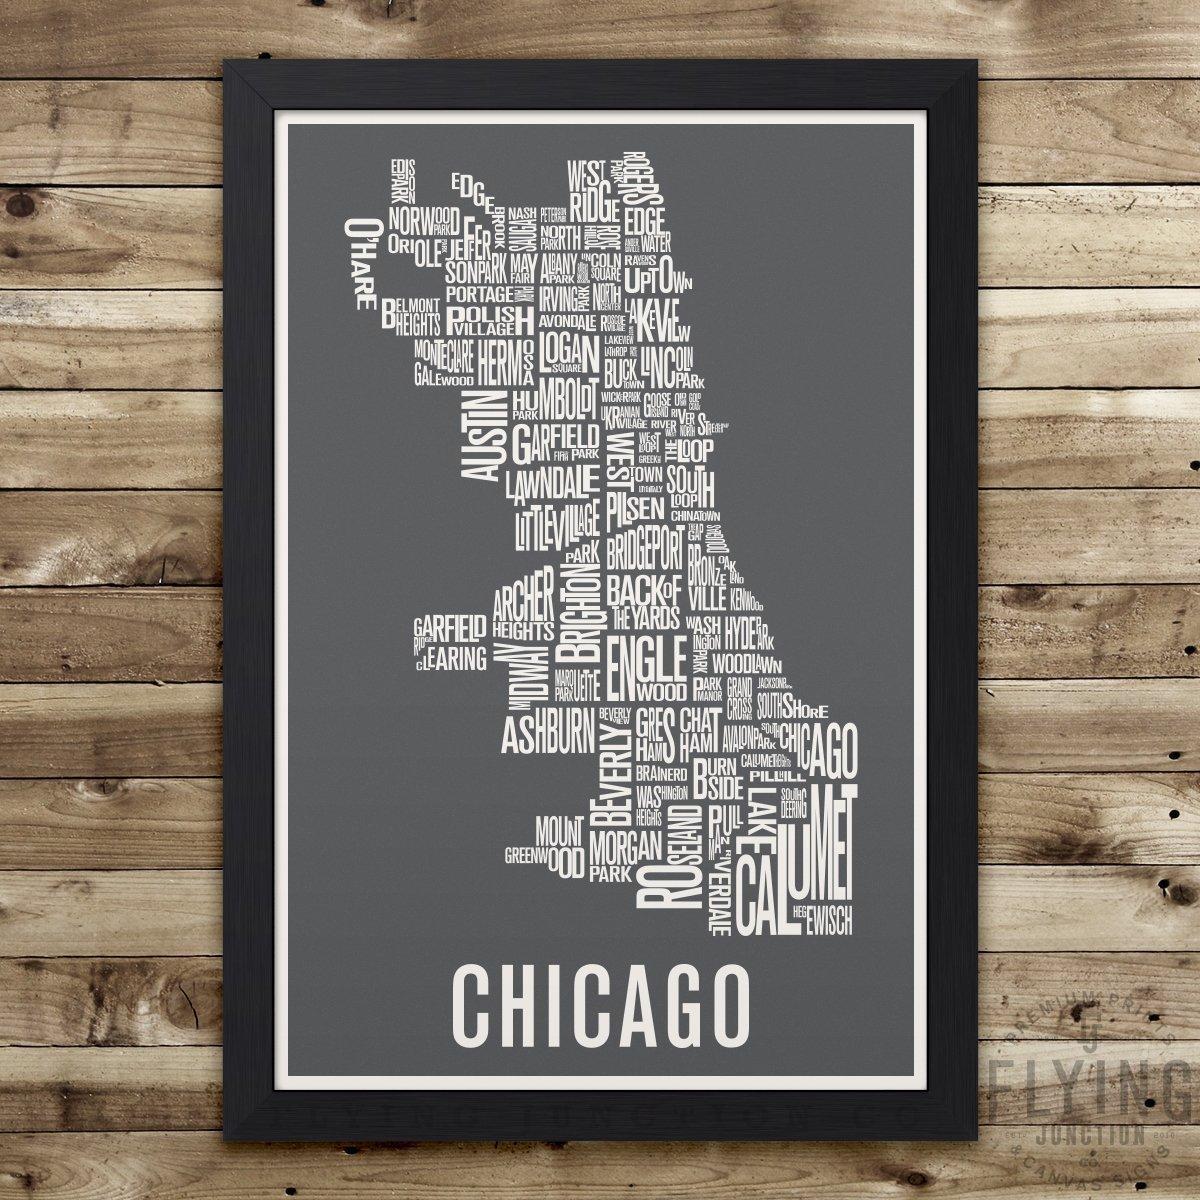 Amazoncom Chicago Neighborhood Map Print Handmade - Chicago map amazon